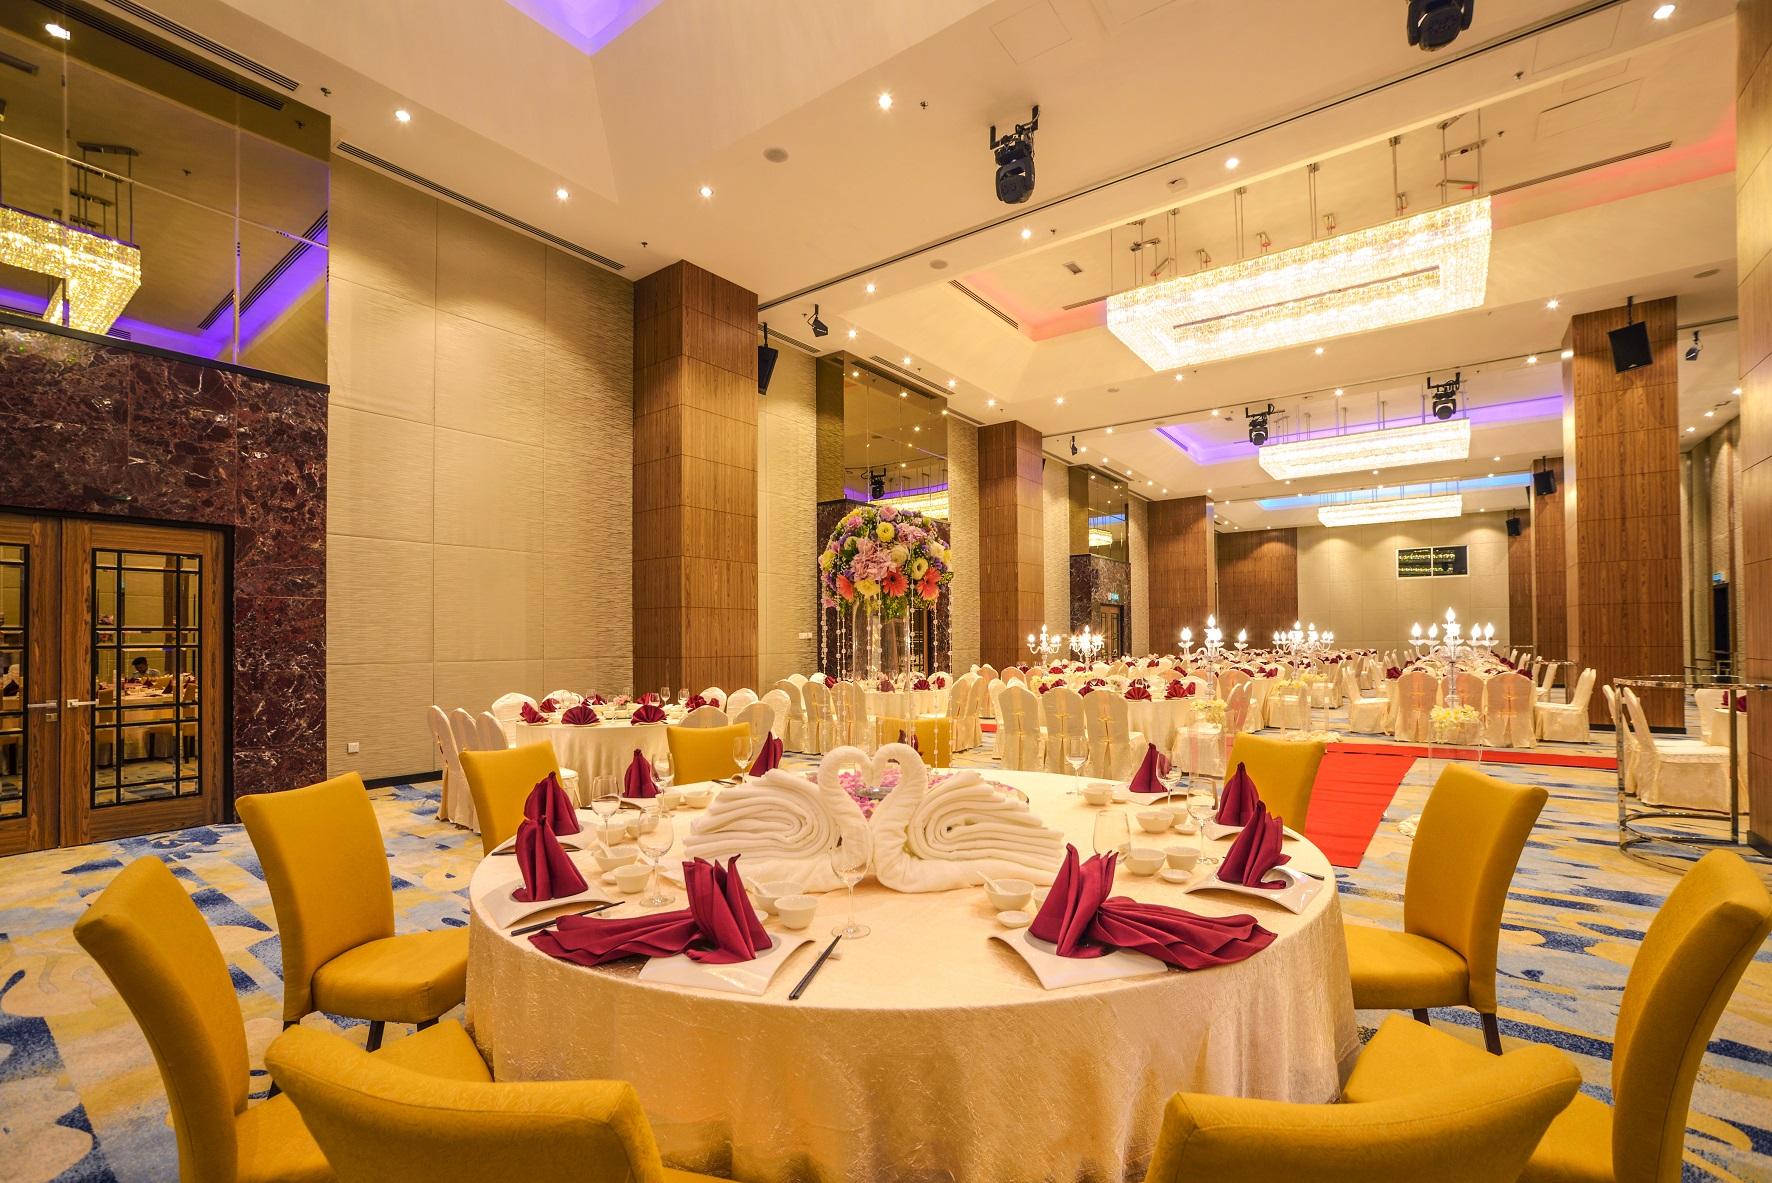 Metropolitan ballroom wedding